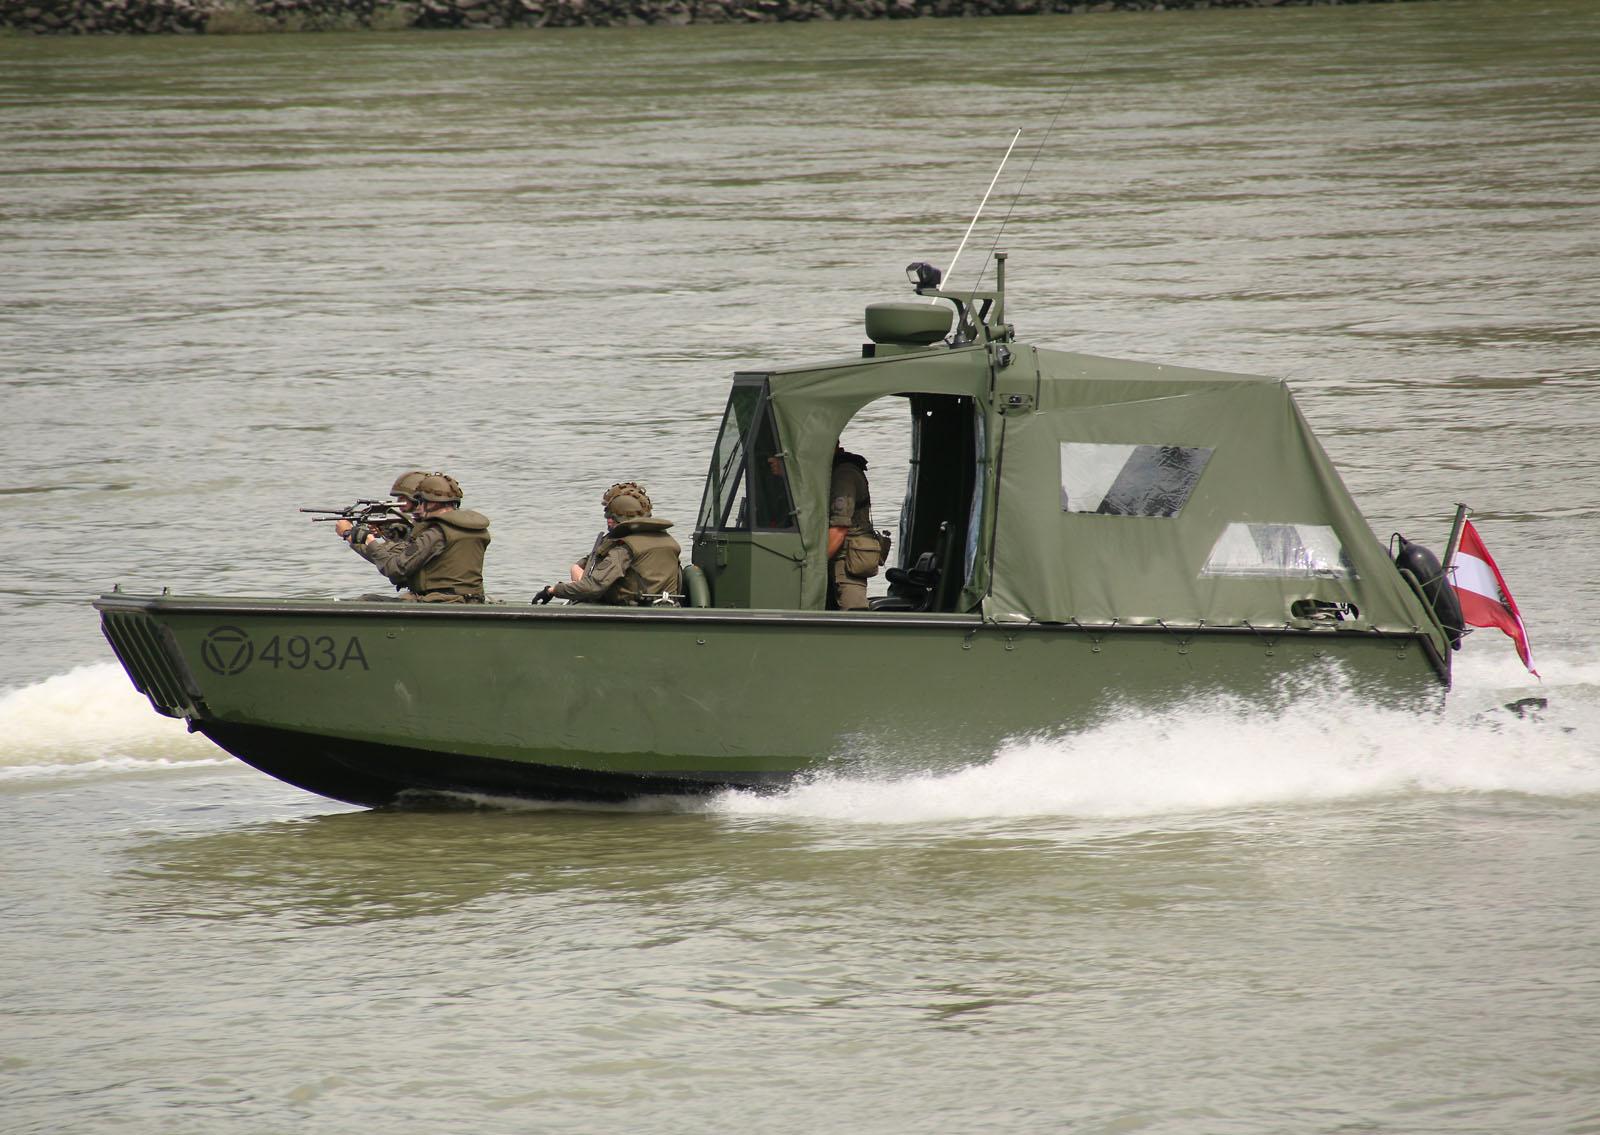 Das verdächtige Motorboot wird gestellt © Doppeladler.com